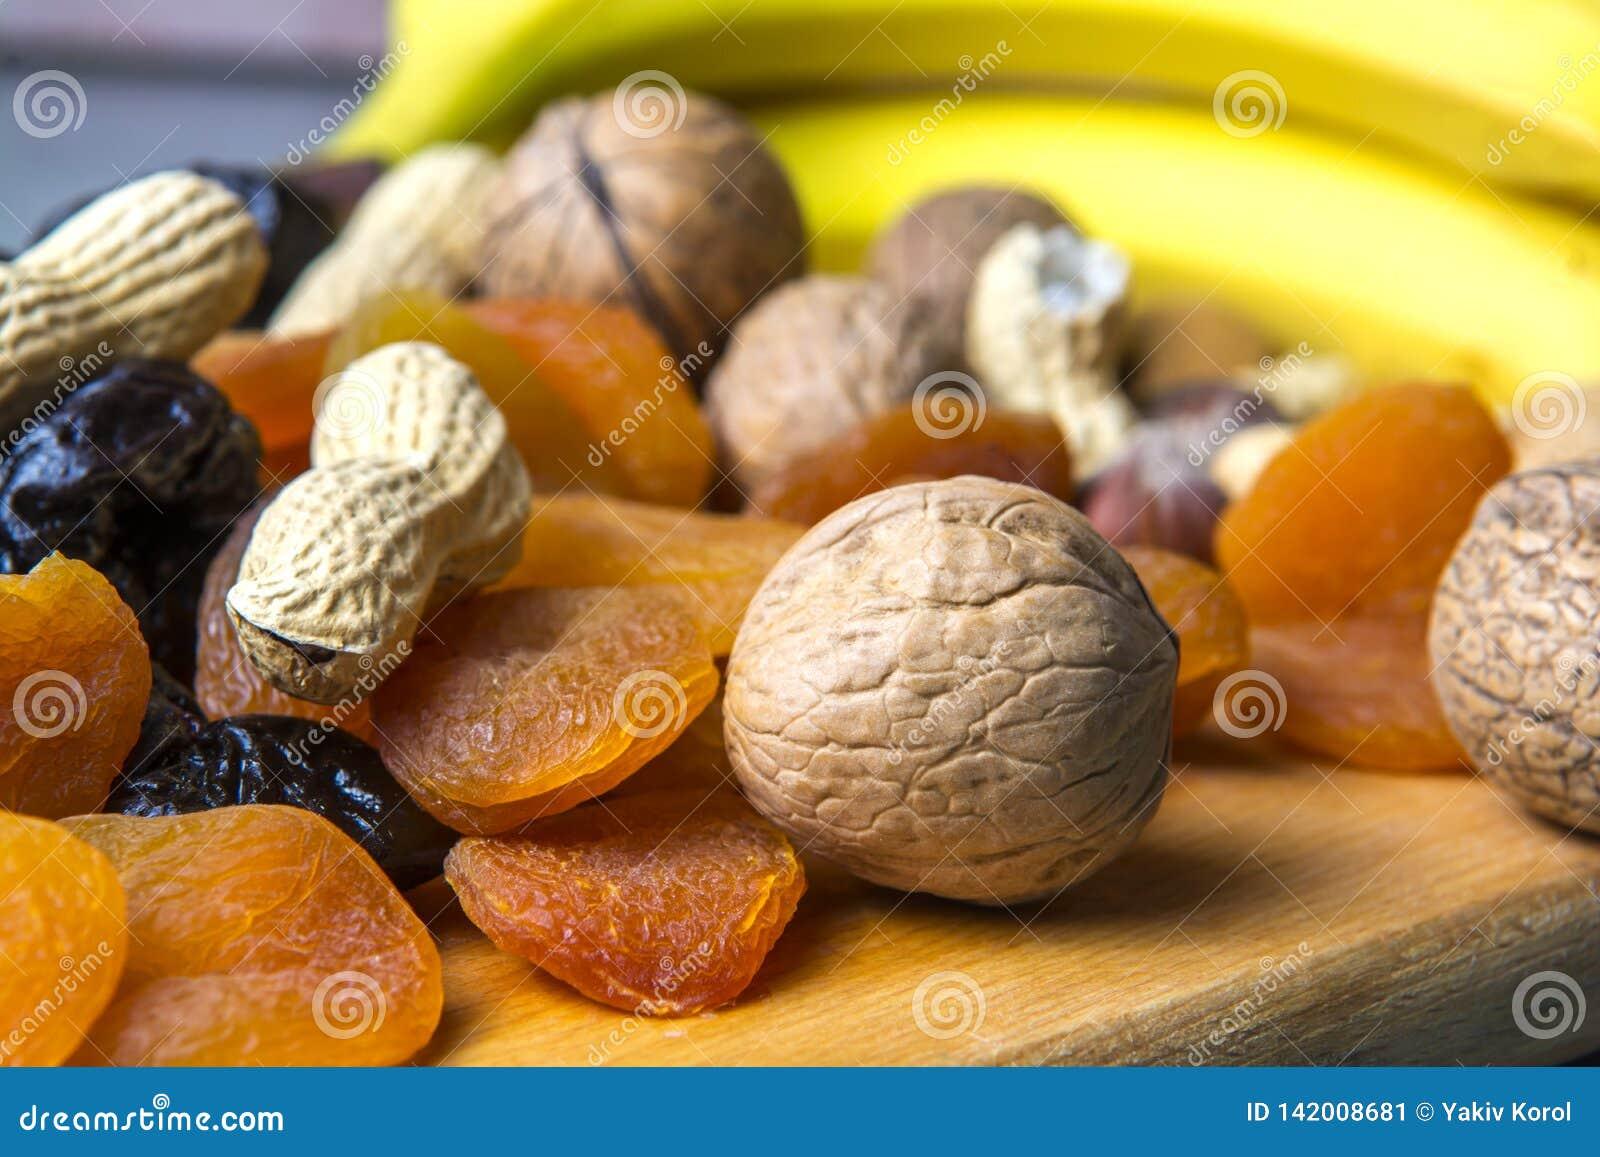 Χορτοφάγα τρόφιμα των καρυδιών και των ξηρών καρπών στον πίνακα κουζινών